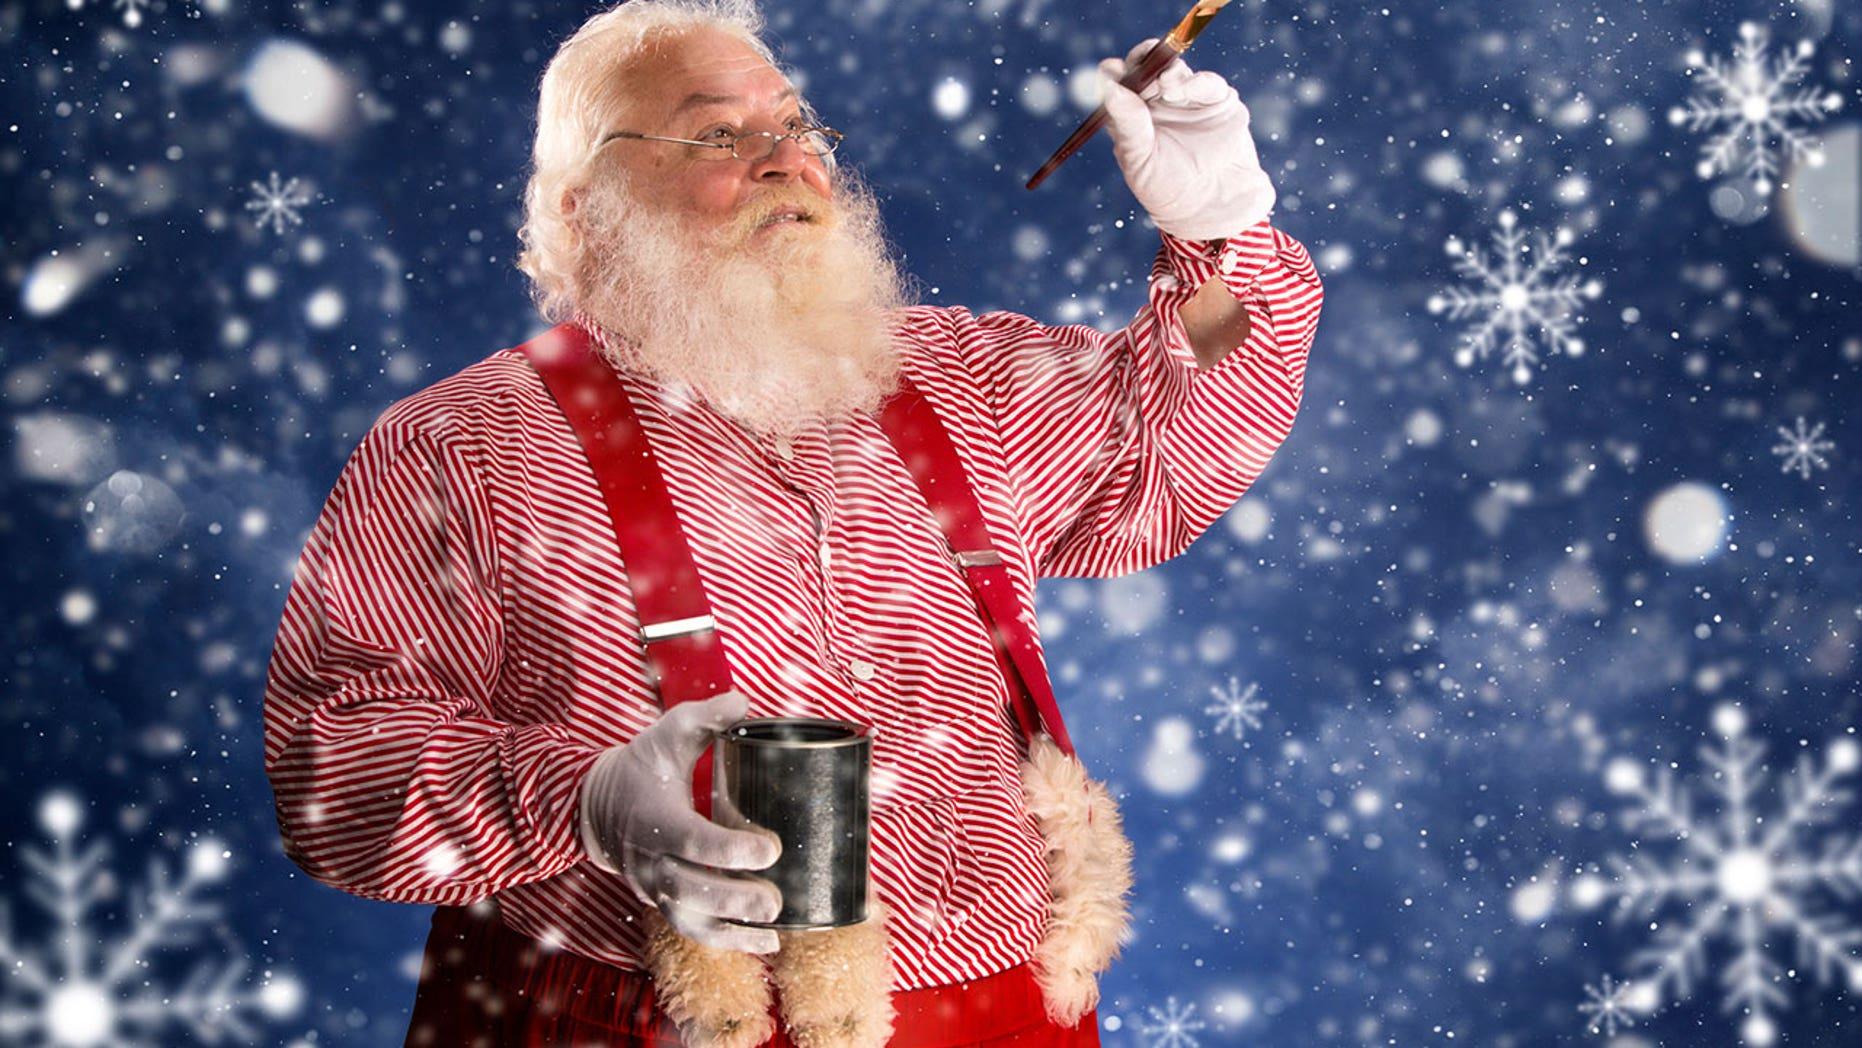 A Secret Santa made some dreams come true in New Jersey.